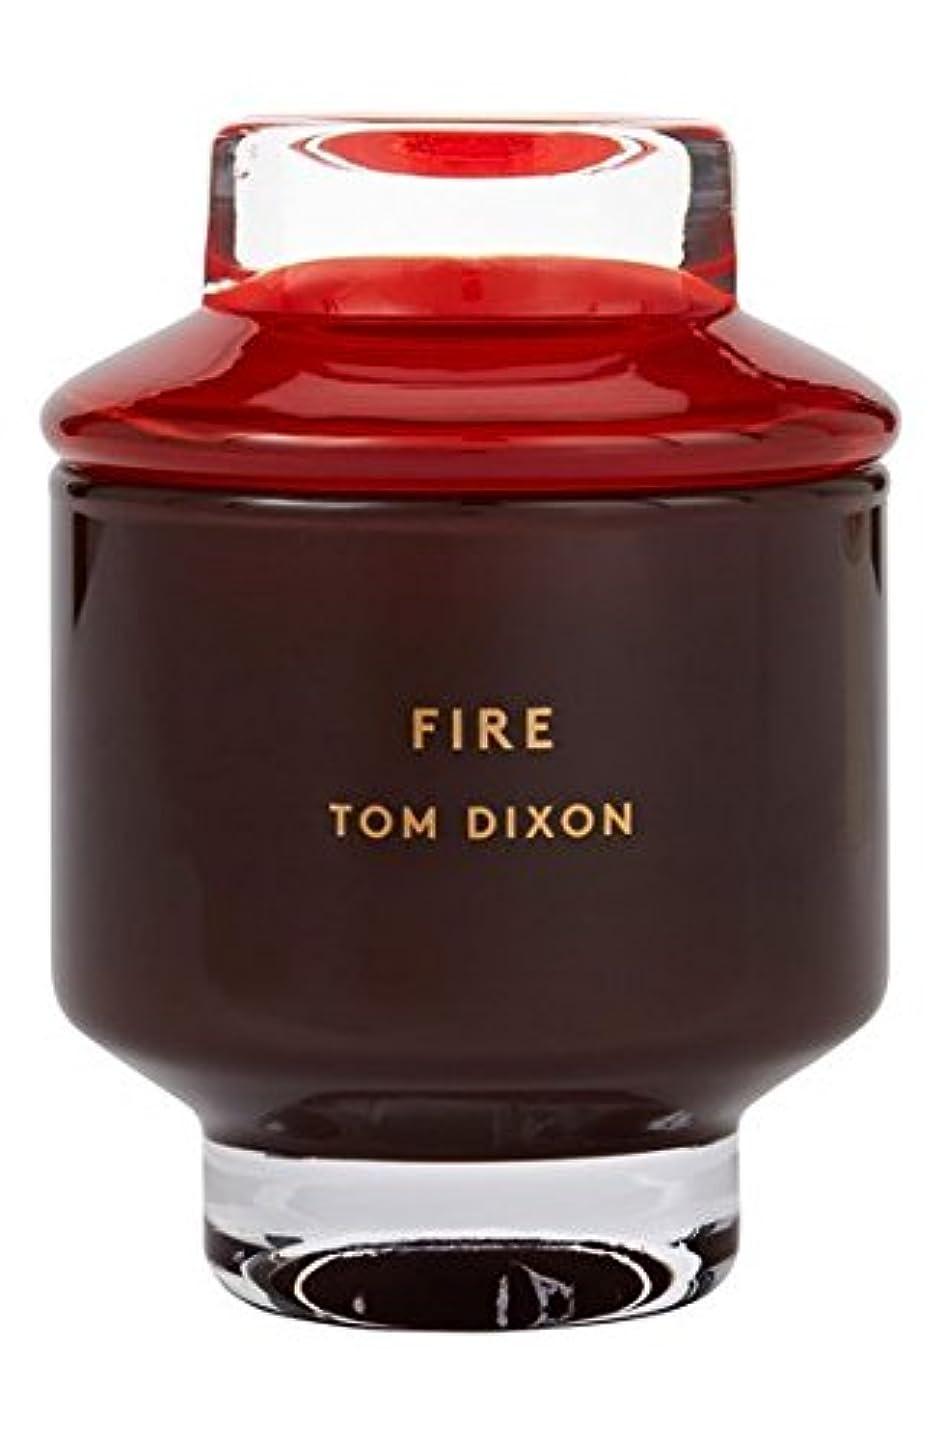 バーマド評価する論争の的Tom Dixon 'Fire' Candle (トム ディクソン 'ファイヤー' キャンドル大) Large